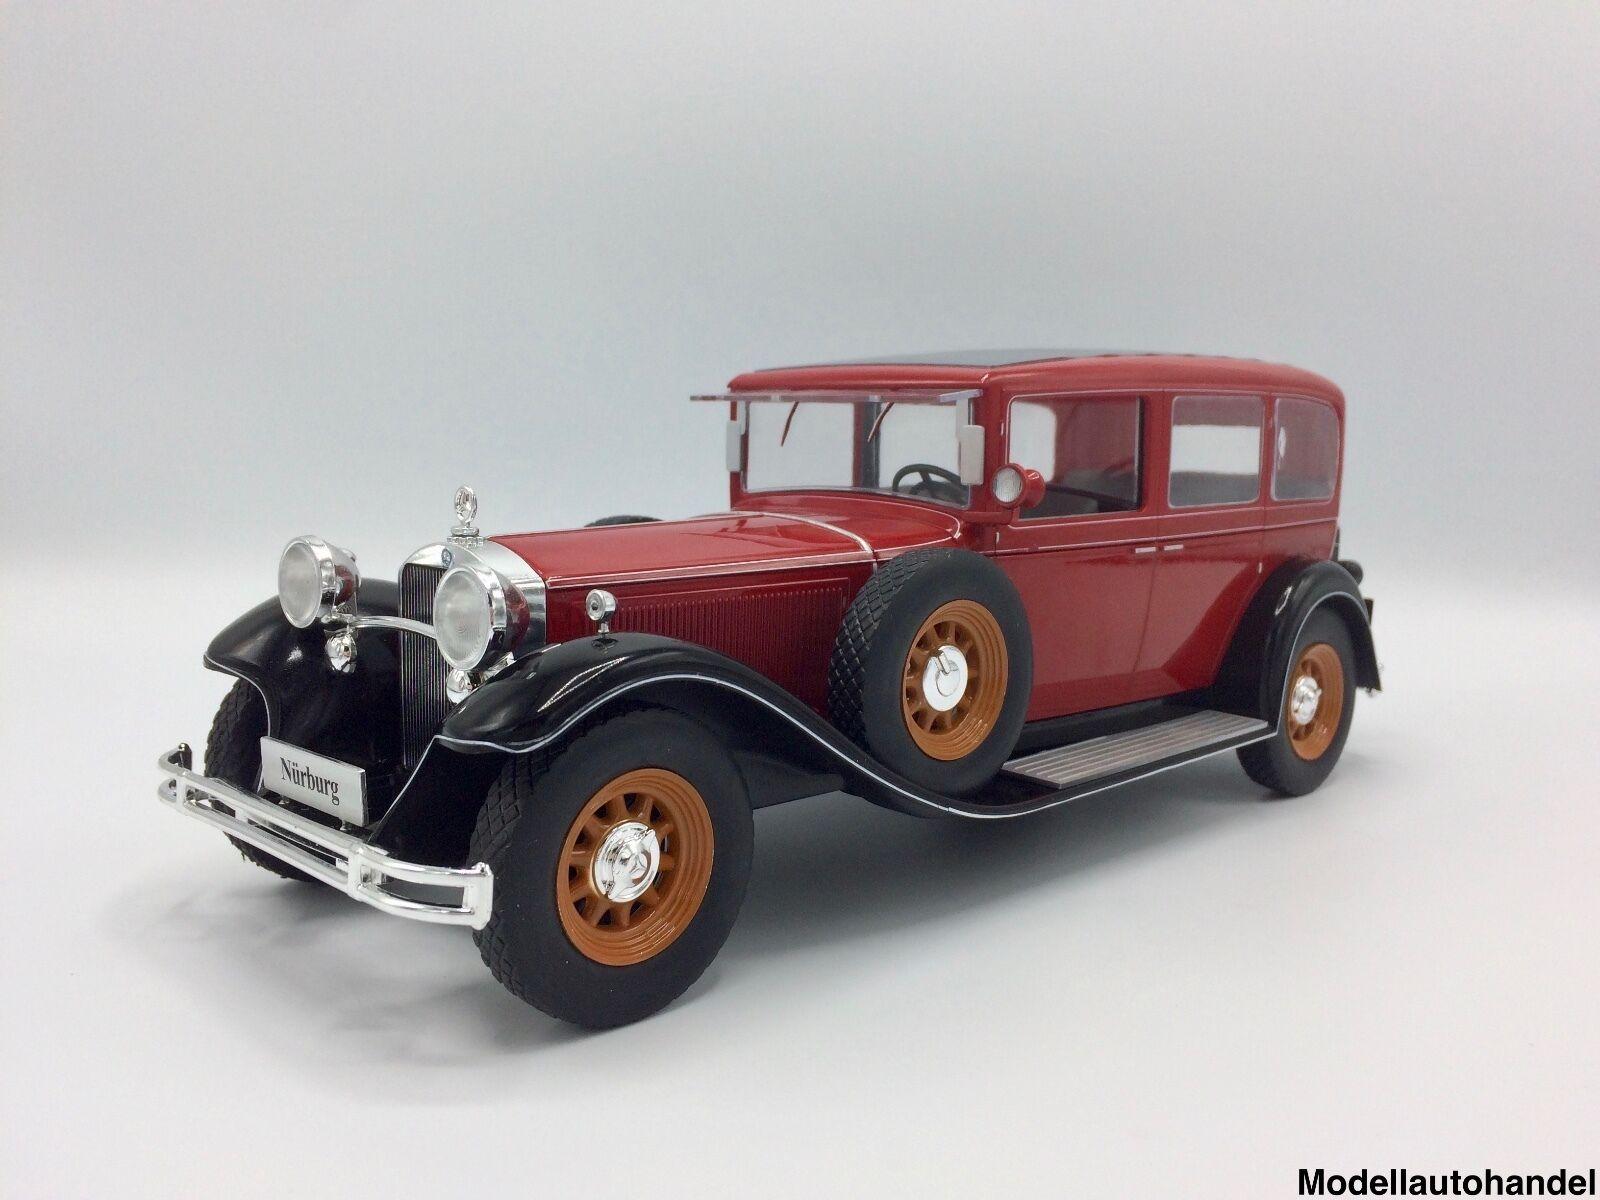 Mercedes Typ Nürburg 460  1928 1928 1928 rot schwarz  - 1 18 MCG     NEW<<  | Exquisite Verarbeitung  987645